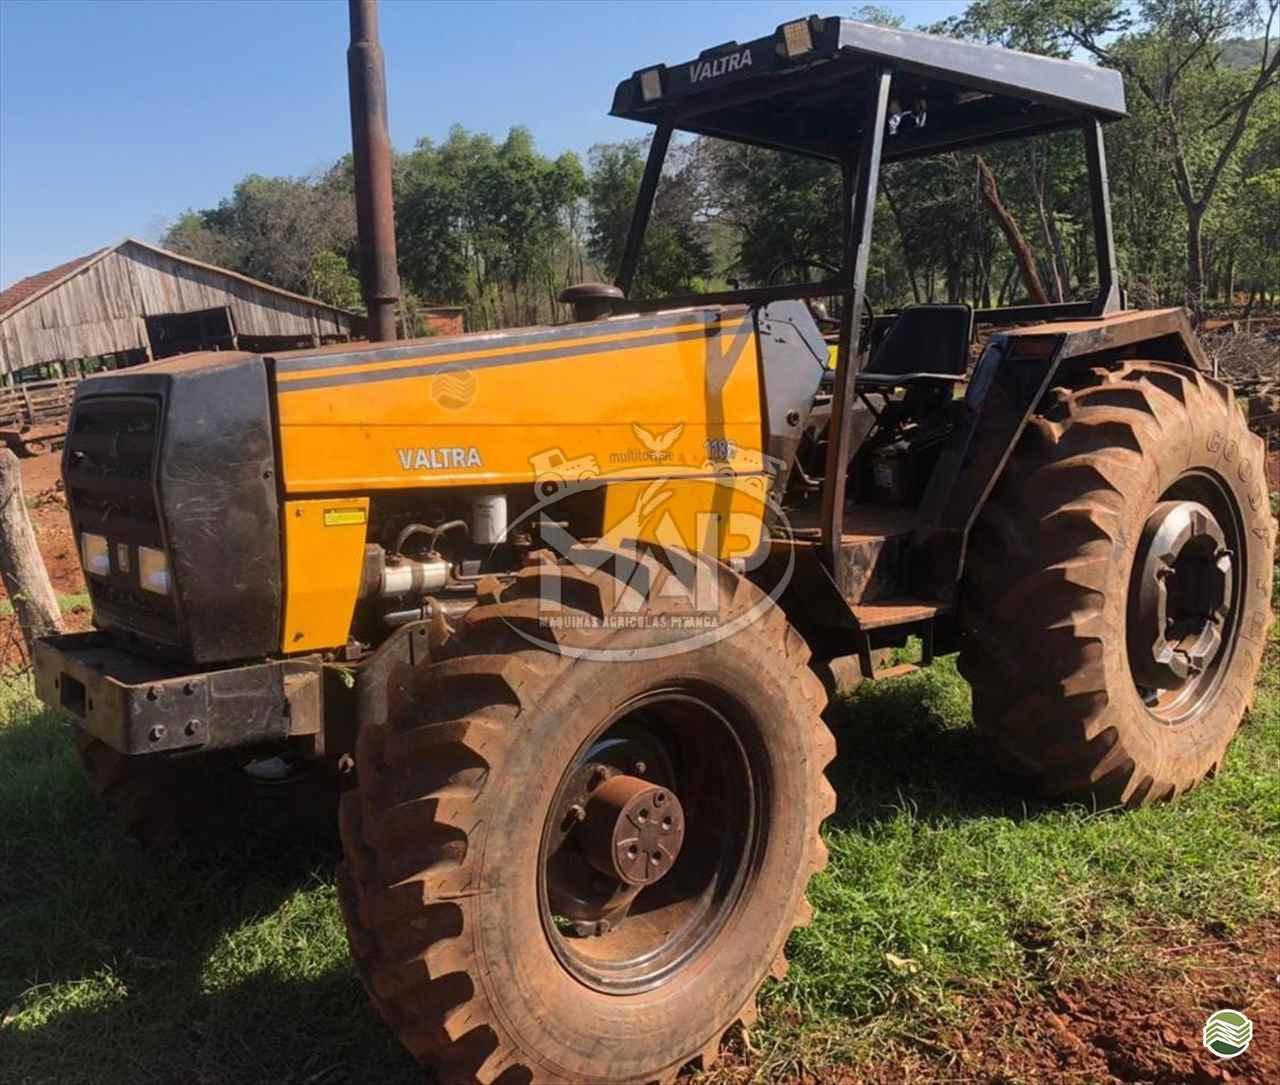 TRATOR VALTRA VALTRA 1180 Tração 4x4 Máquinas Agrícolas Pitanga PITANGA PARANÁ PR